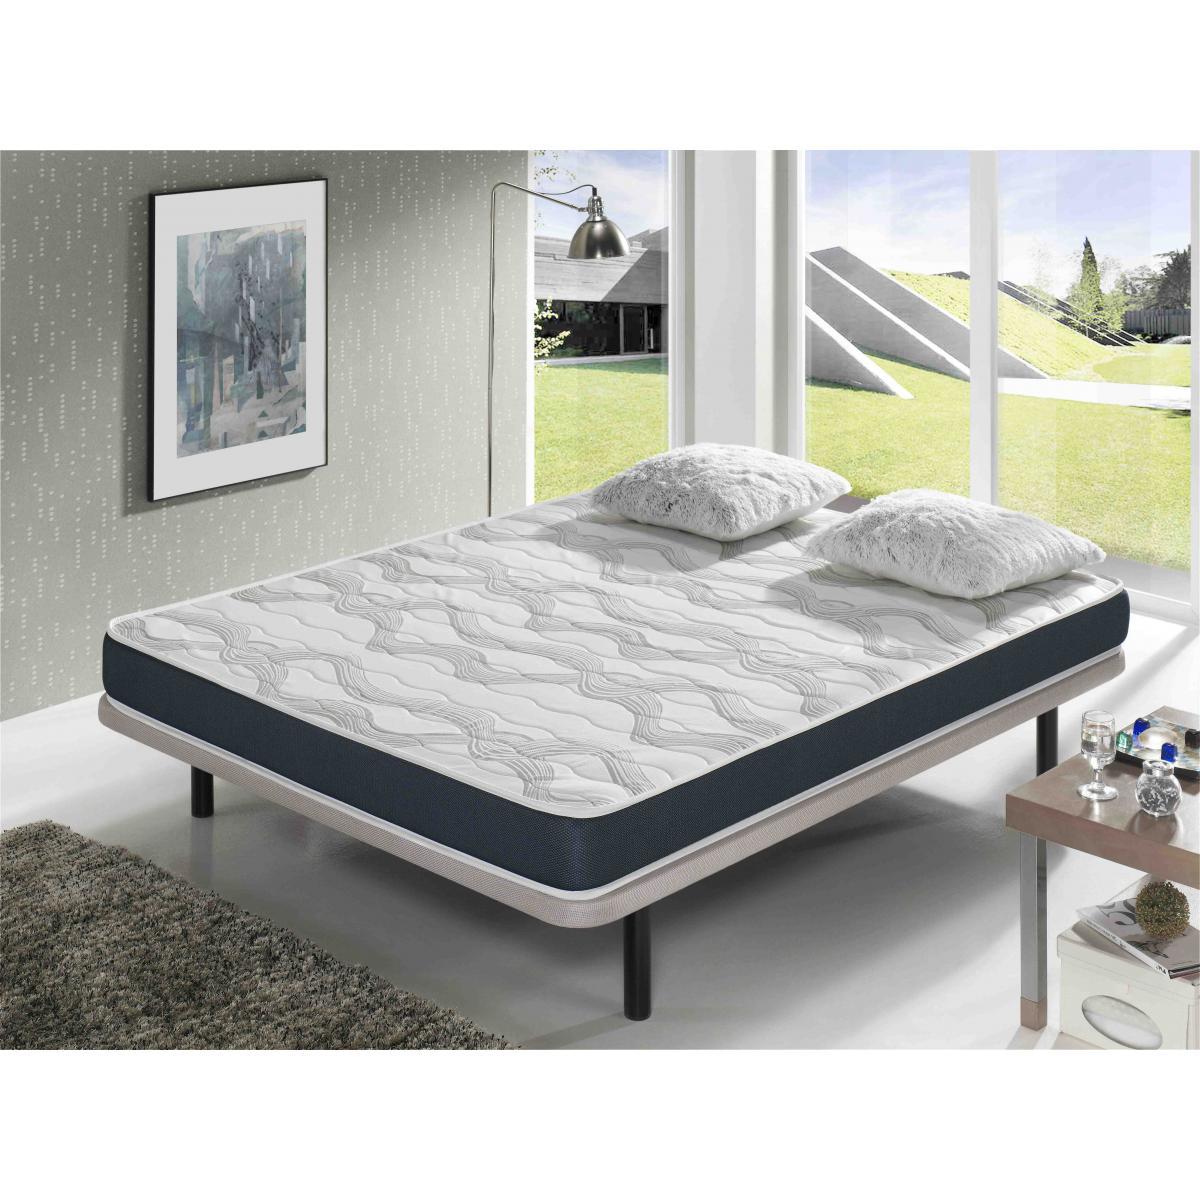 Dormalit Matelas 160X190 ERGO CONFORT Épaisseur 14 CM ? Rembourrage super soft - Juvénil - idéal pour les lits gigognes